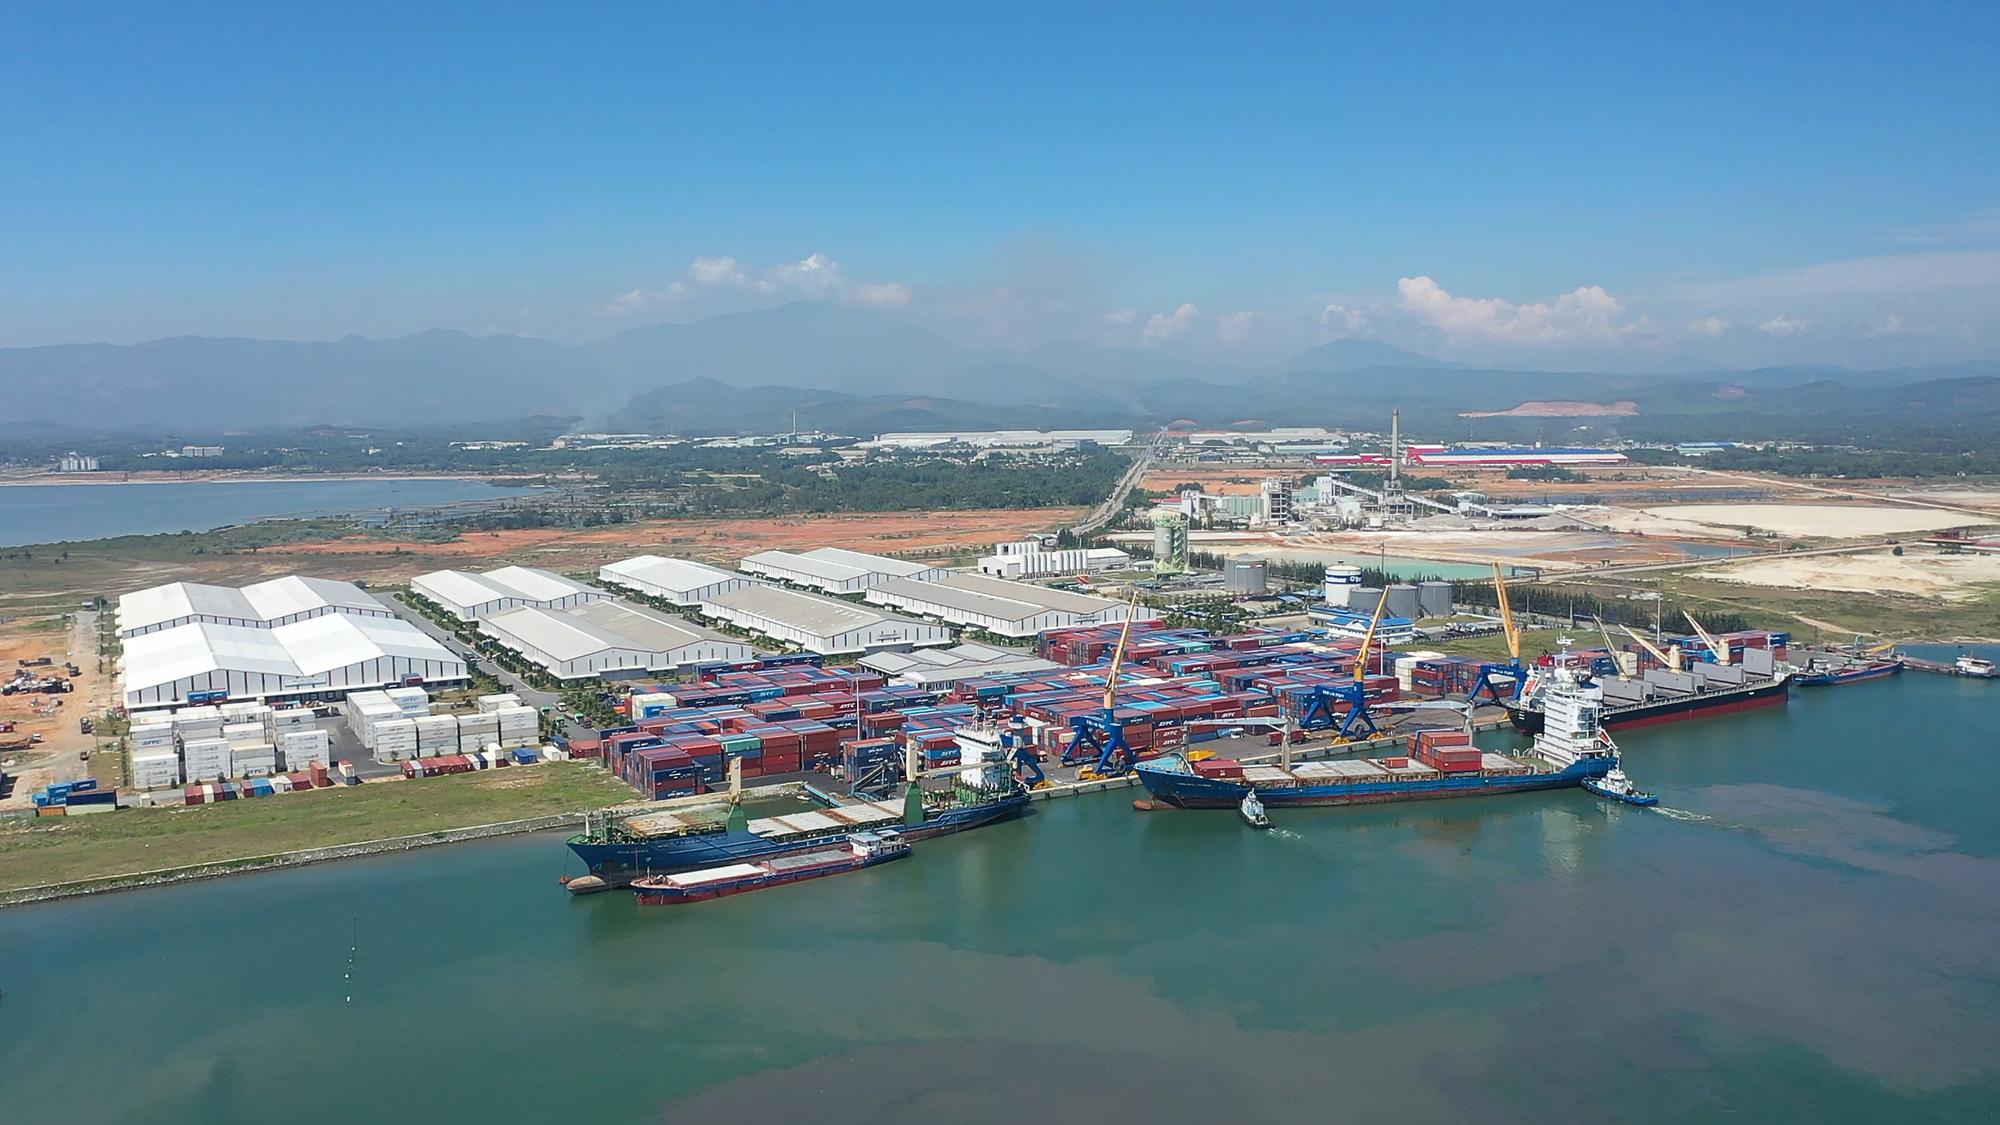 THACO tiếp tục xuất khẩu sơmi rơmoóc sang Mỹ - Ảnh 2.